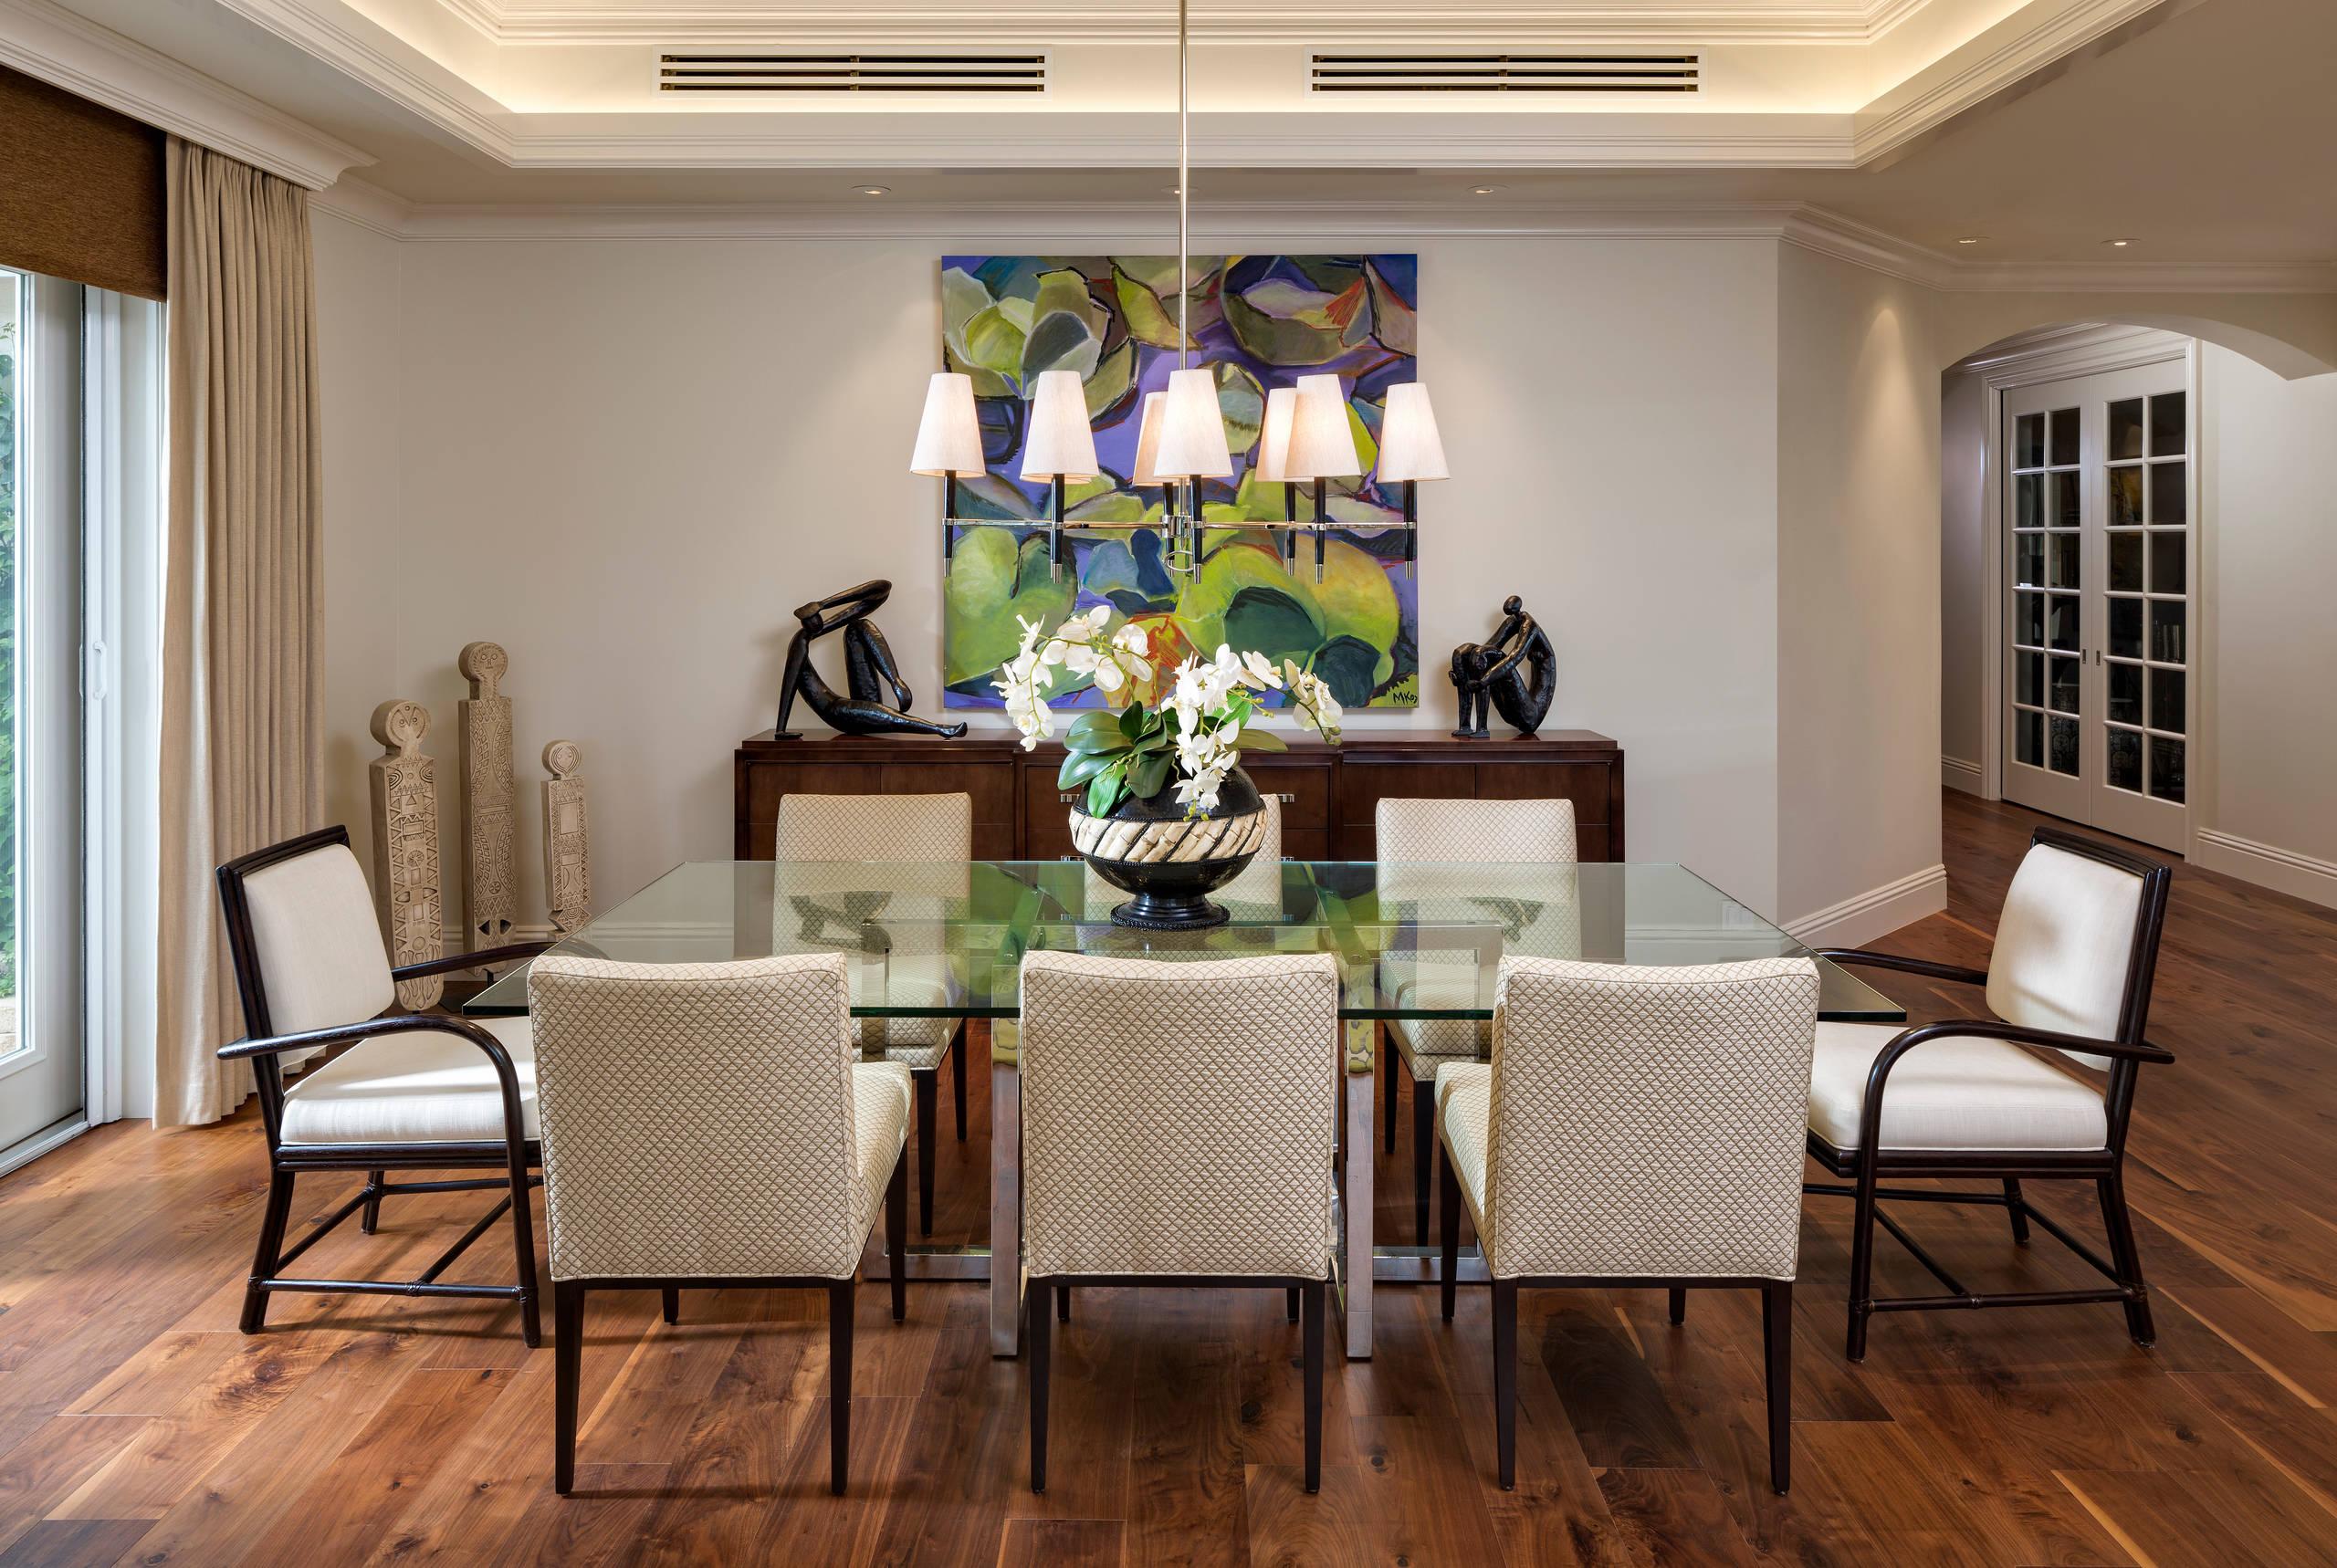 Certified Luxury Builders - 41 West - Pelican Bay - Home 2 Remodel